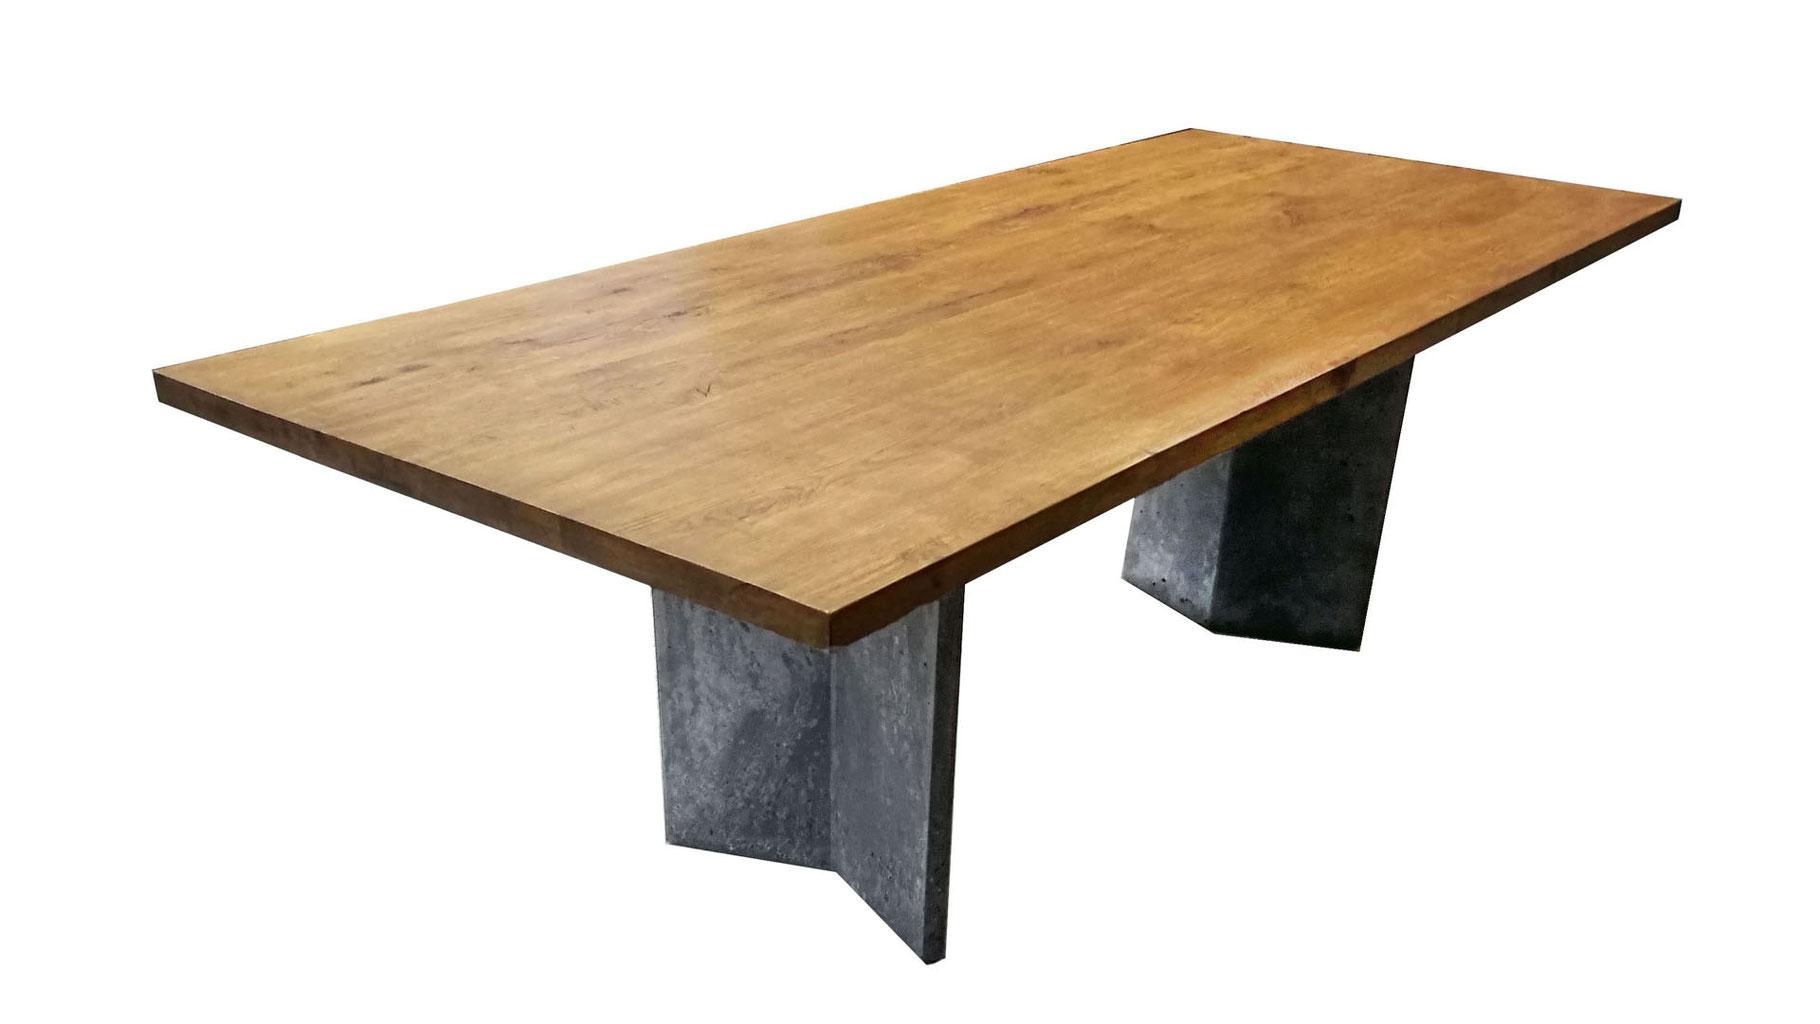 Holz Beton Tisch Esstisch Modern Minimalistisch Esszimmer Design